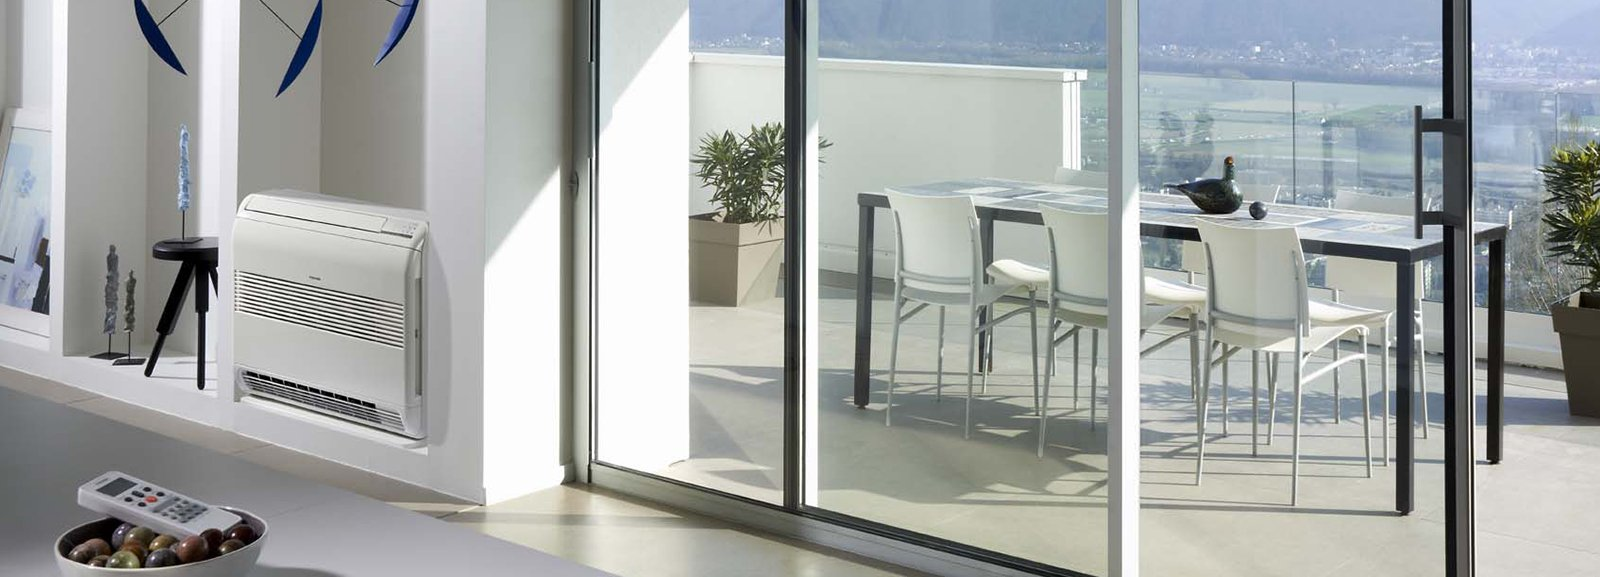 Climatizzatore che cosa sapere sull 39 unit esterna cose di casa - Conviene riscaldare casa con climatizzatore ...